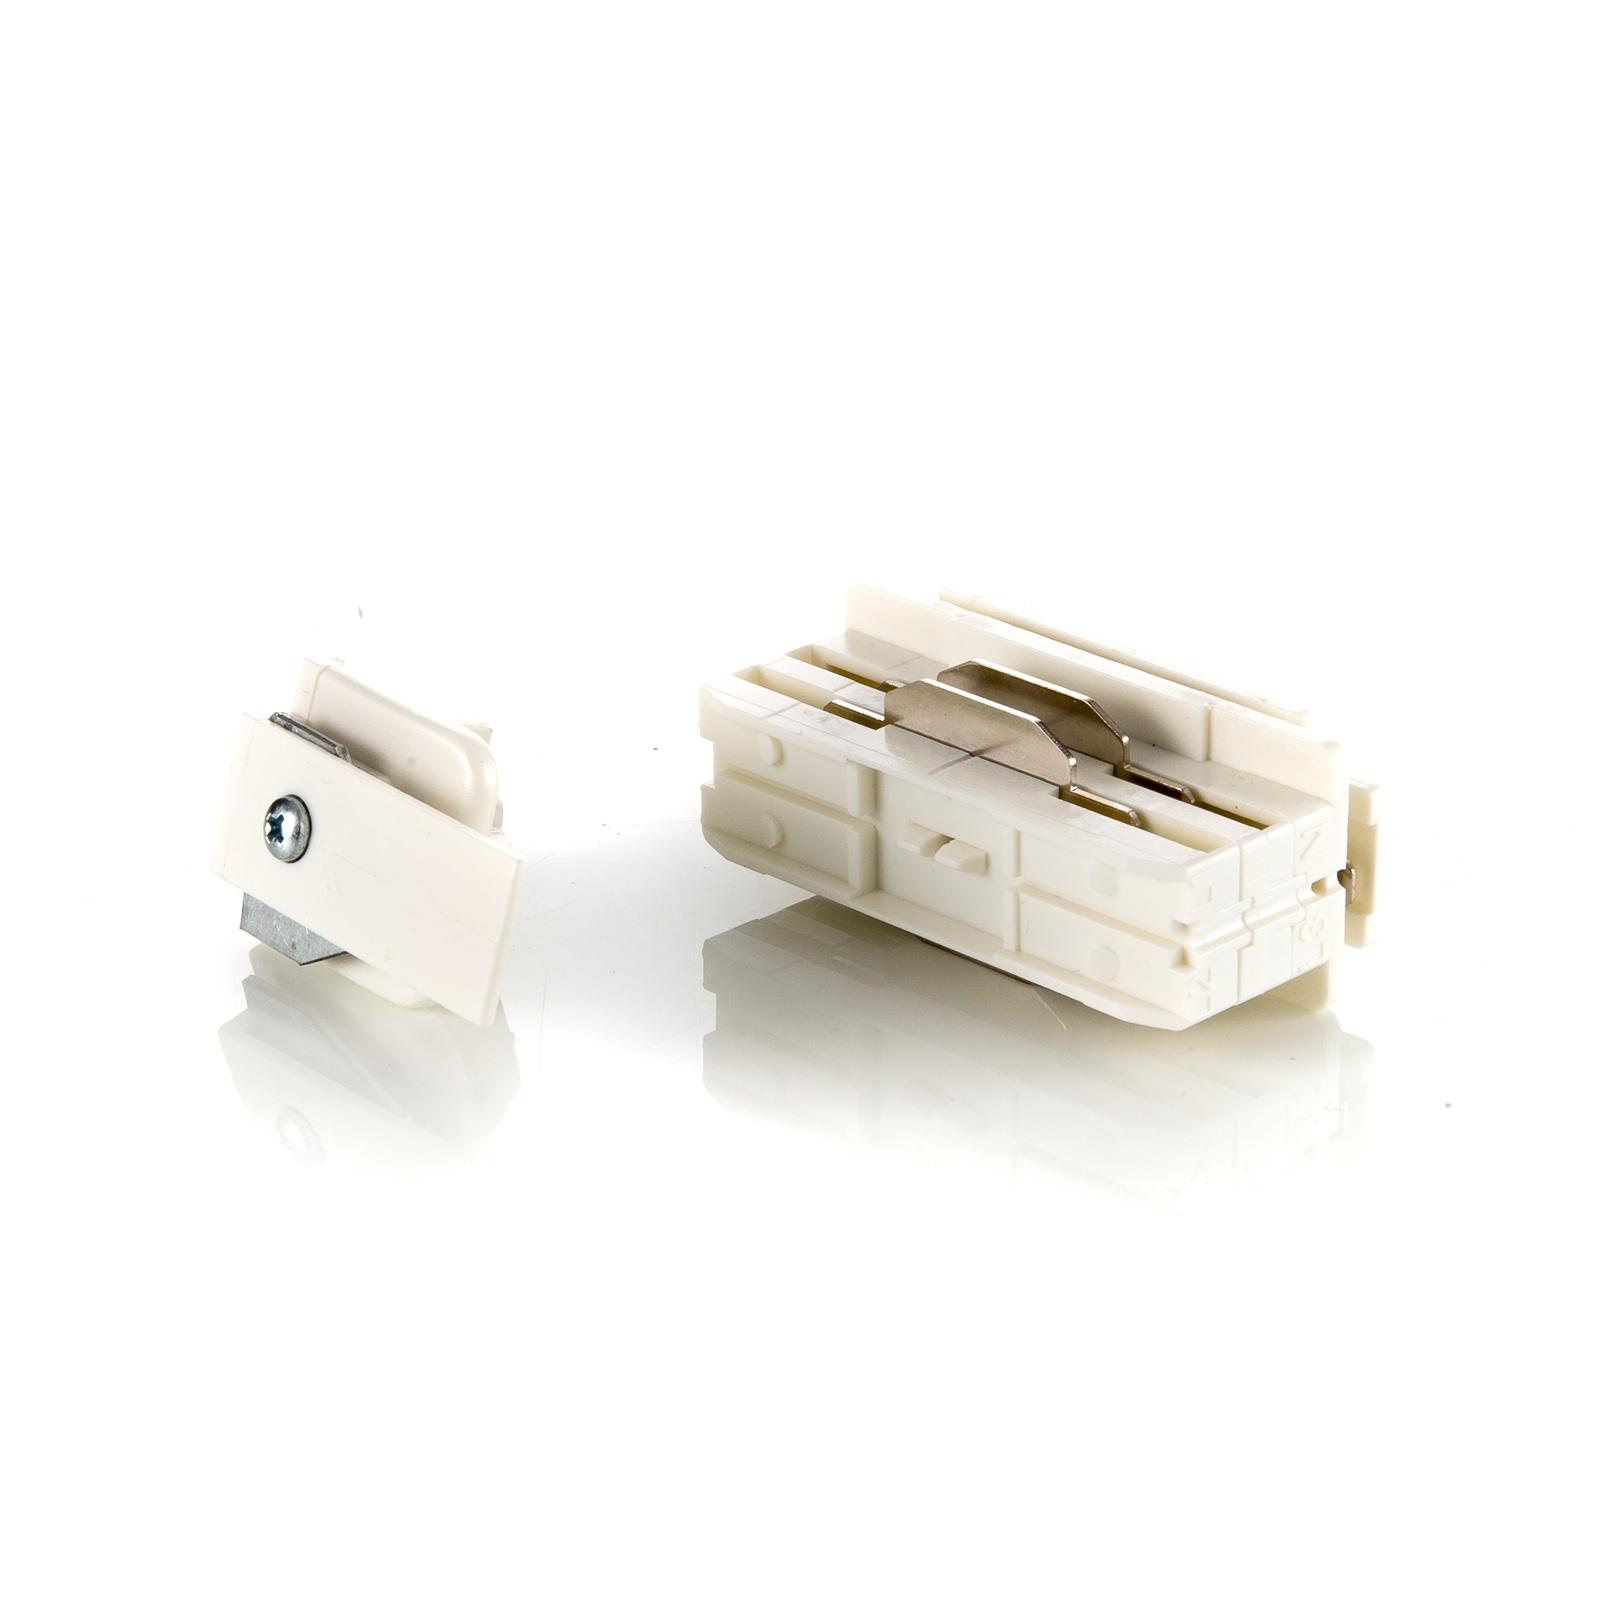 Eutrac Kontaktblock für Einbauschiene, weiß